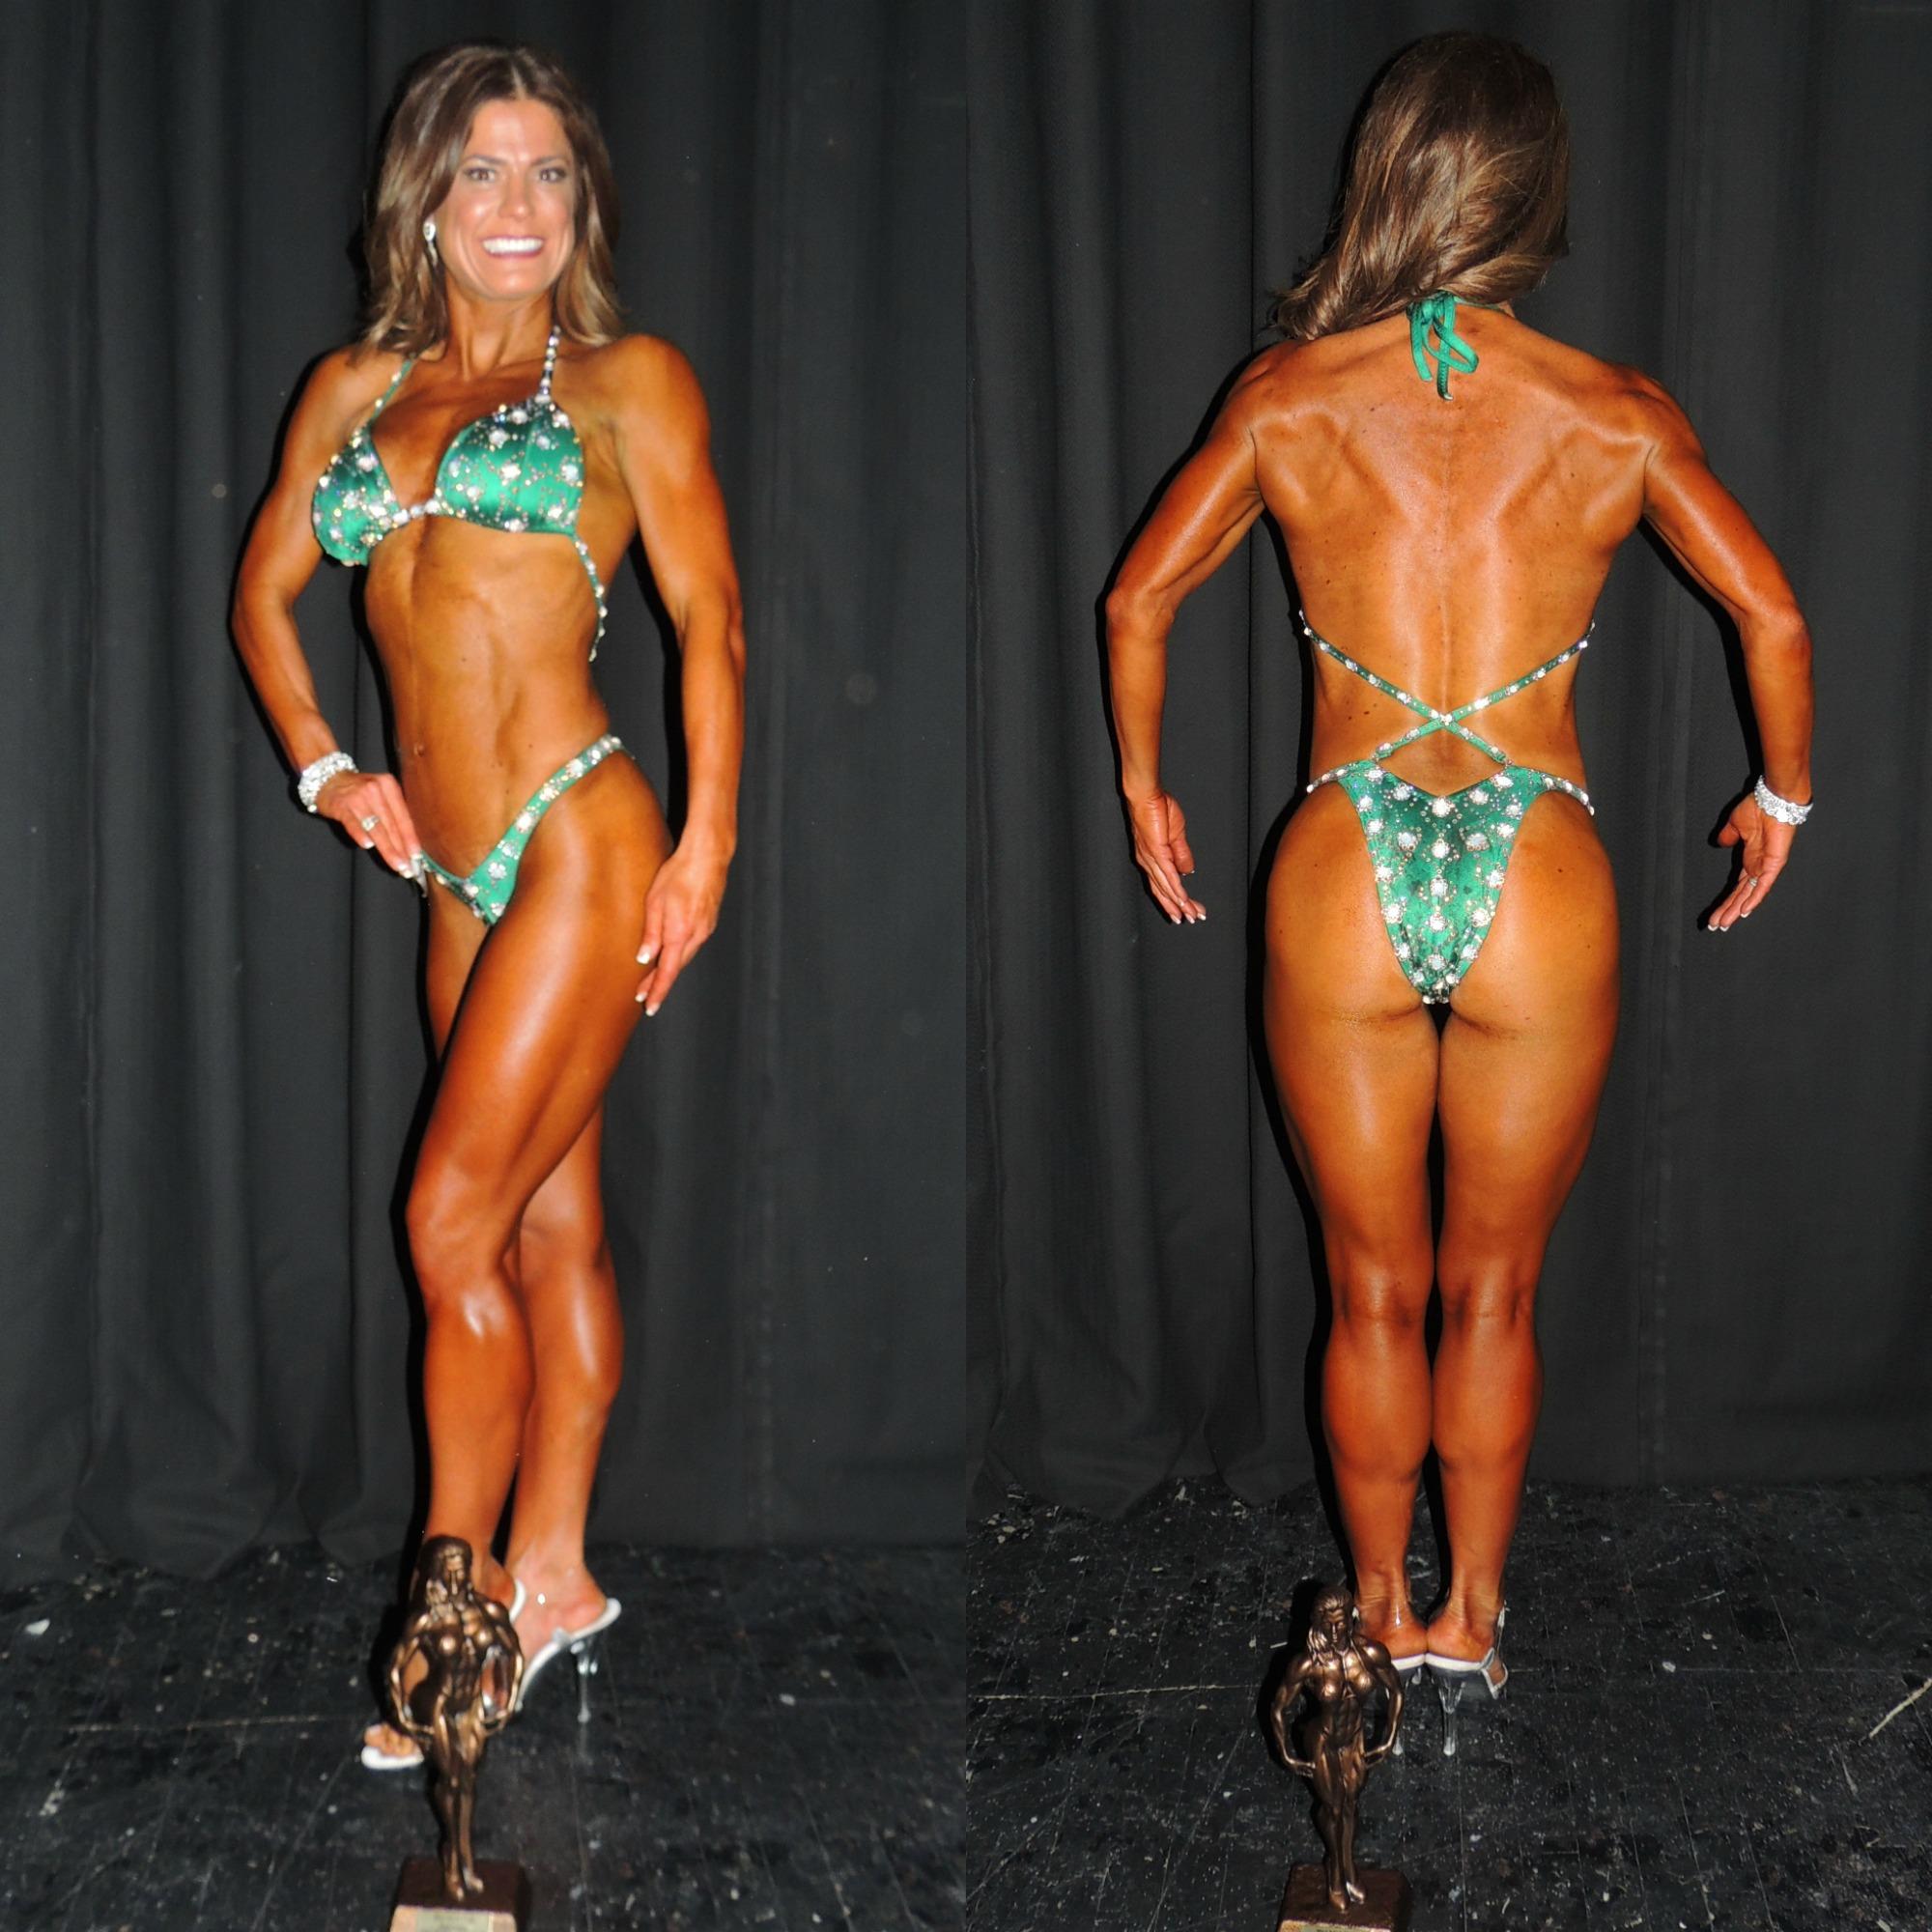 Tiffany Avery